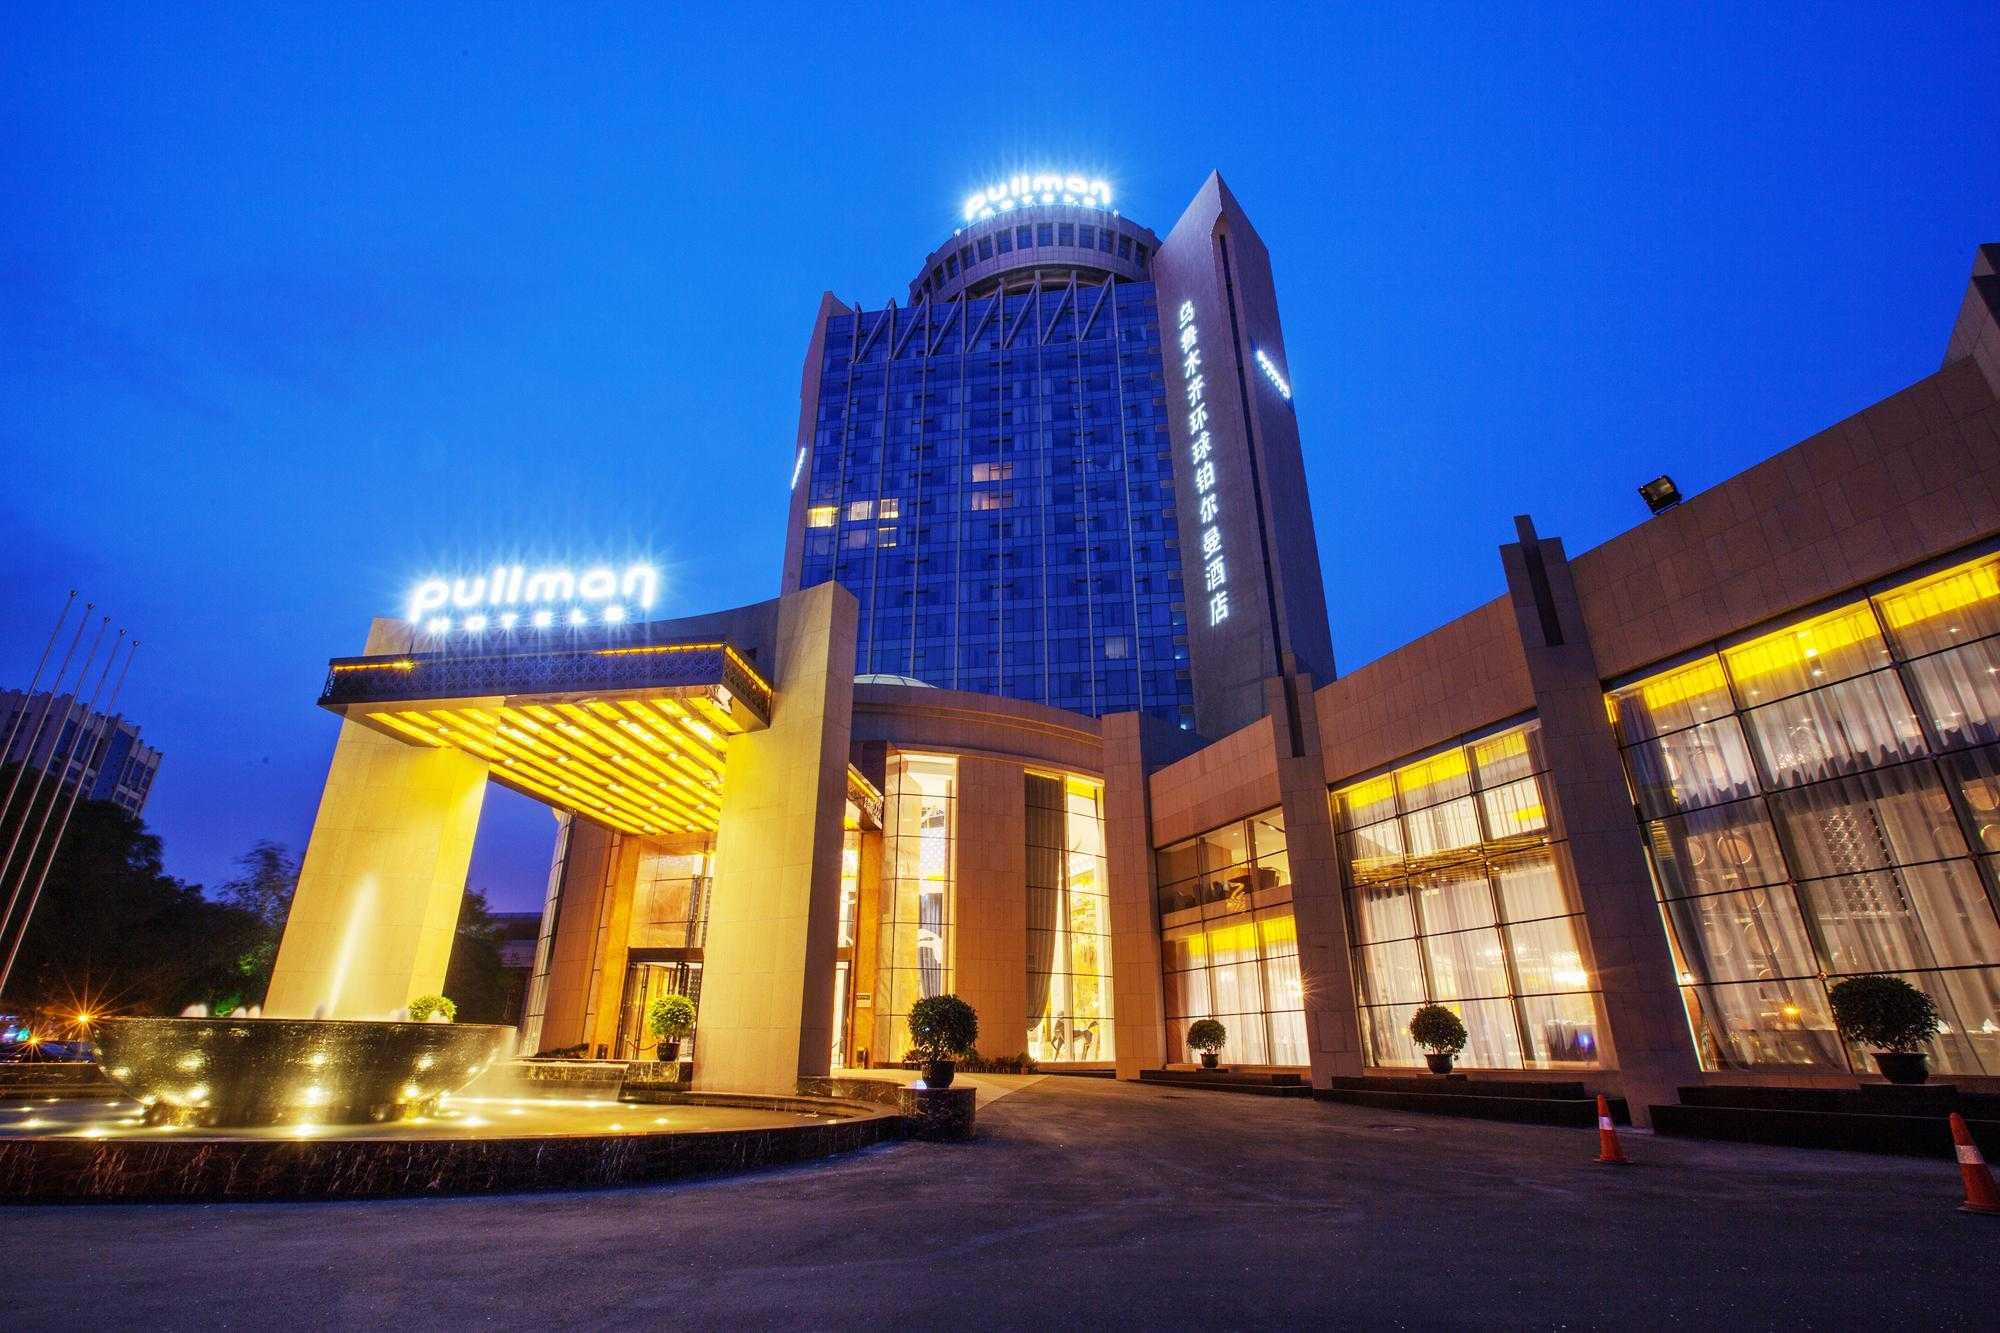 沛县金米大酒店